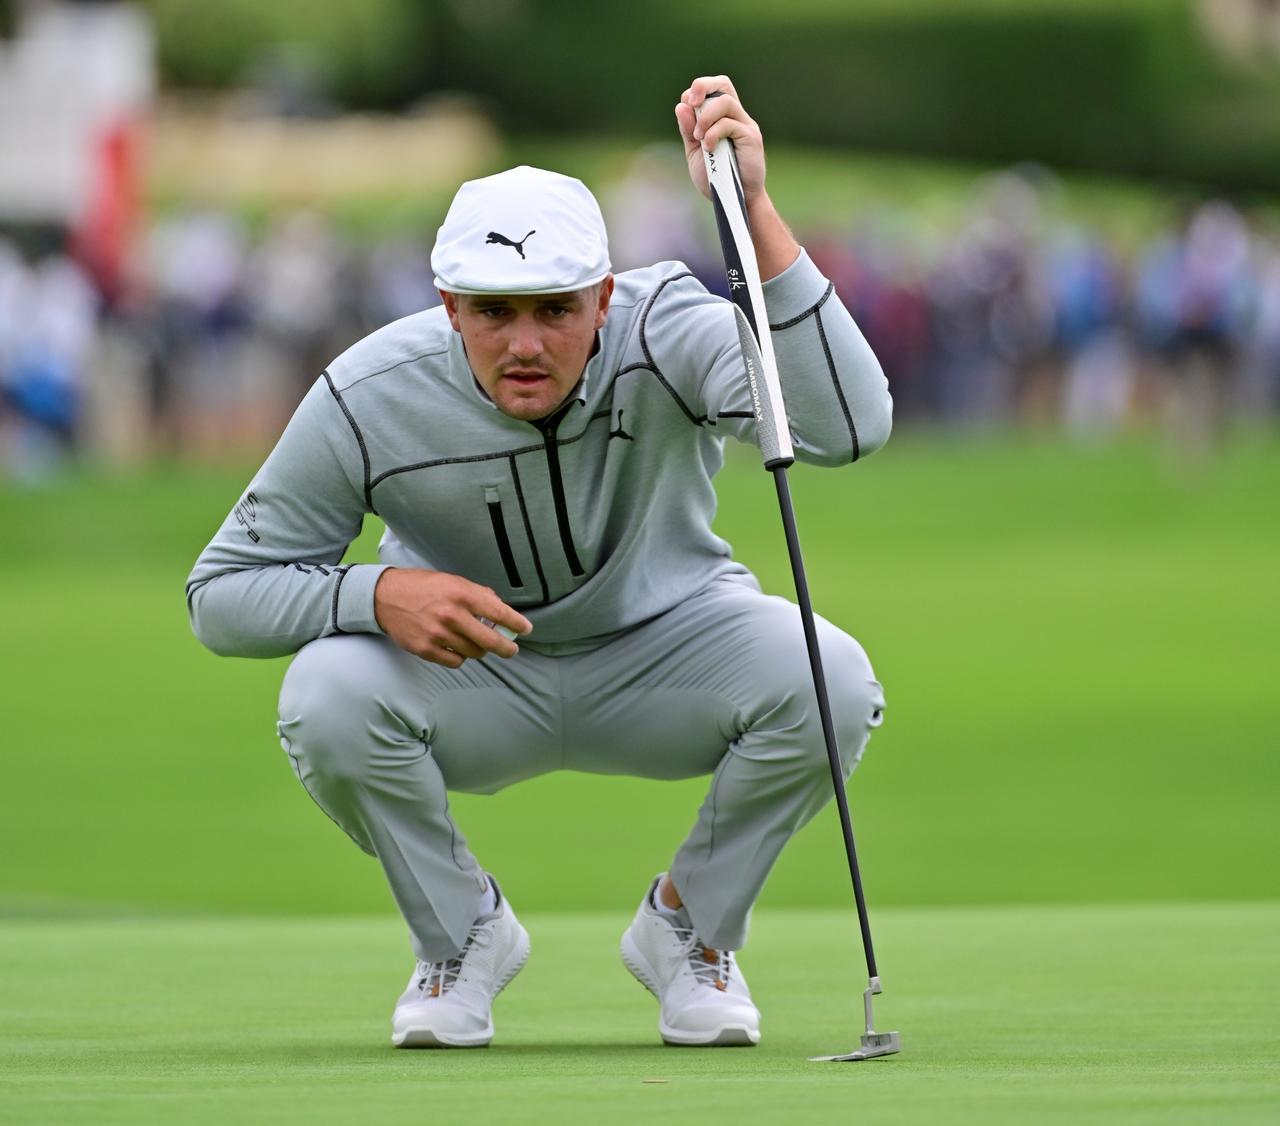 """画像: すっかりスロープレーヤーの代名詞となってしまった""""ゴルフの科学者""""ブライソン・デシャンボー(写真は2019年の全英オープン 撮影/姉崎正)"""